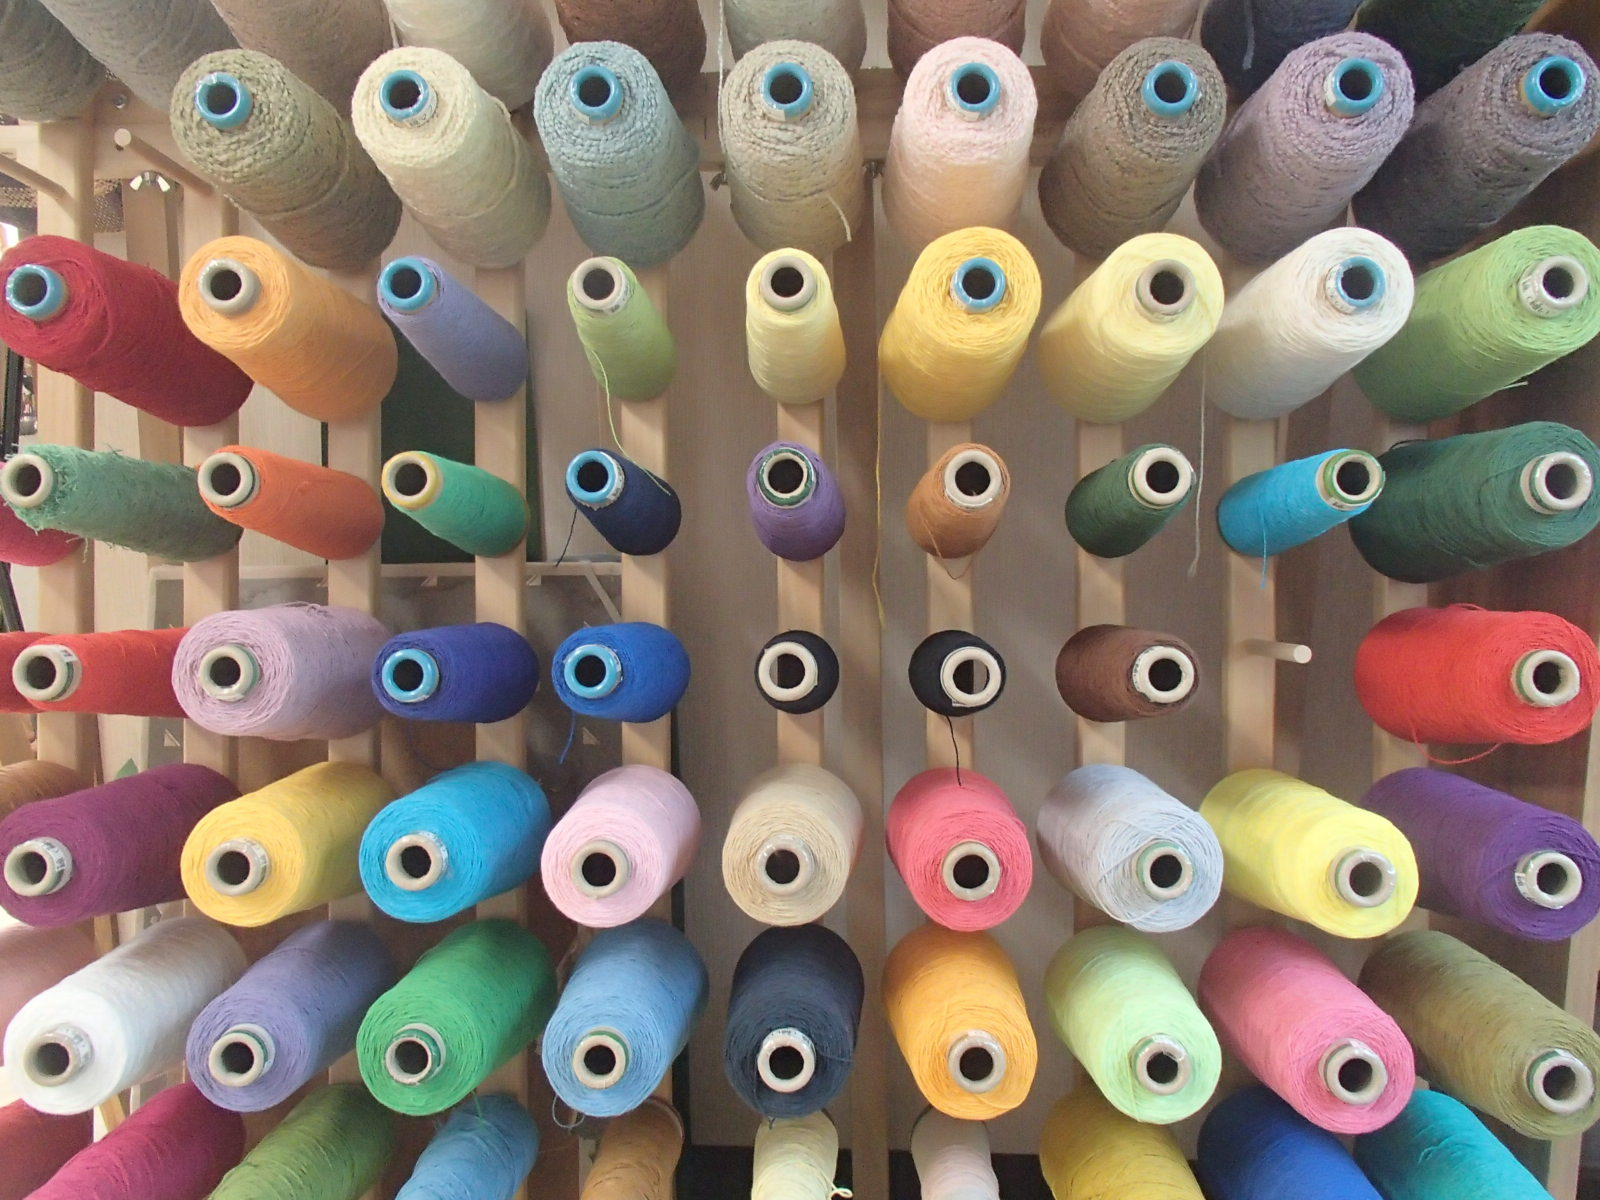 織り糸 002.JPG